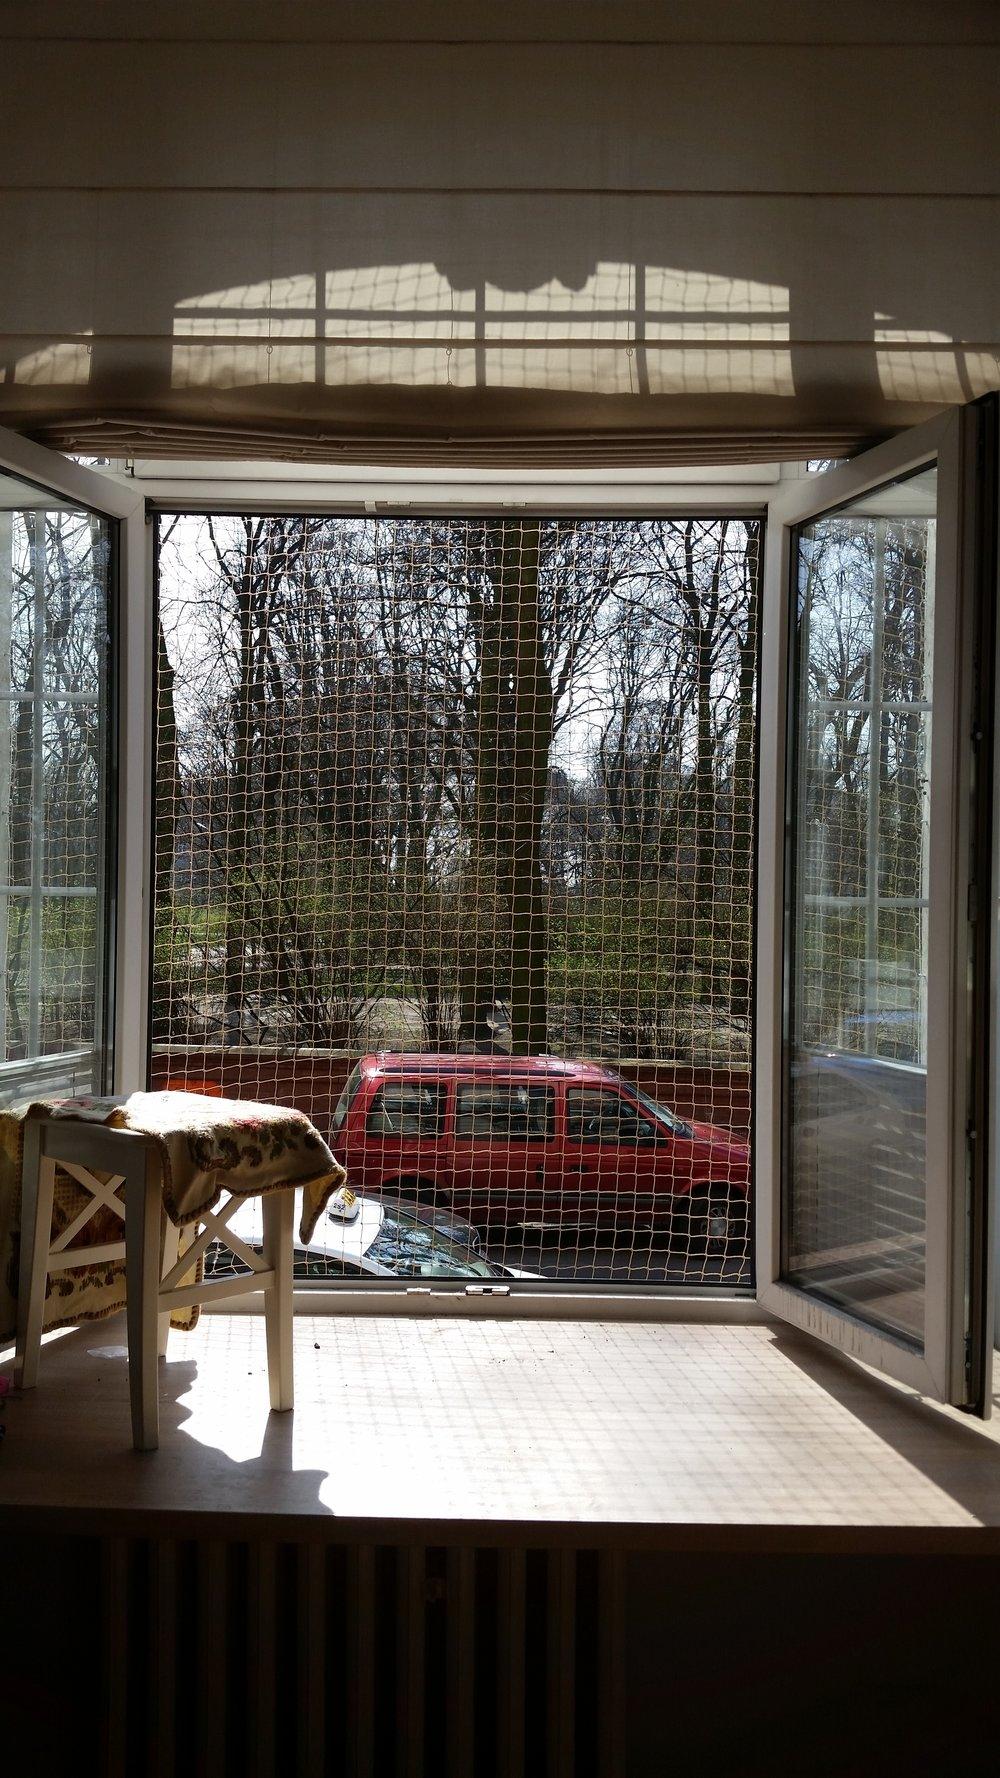 Siatka zabezpieczająca okno dla kota